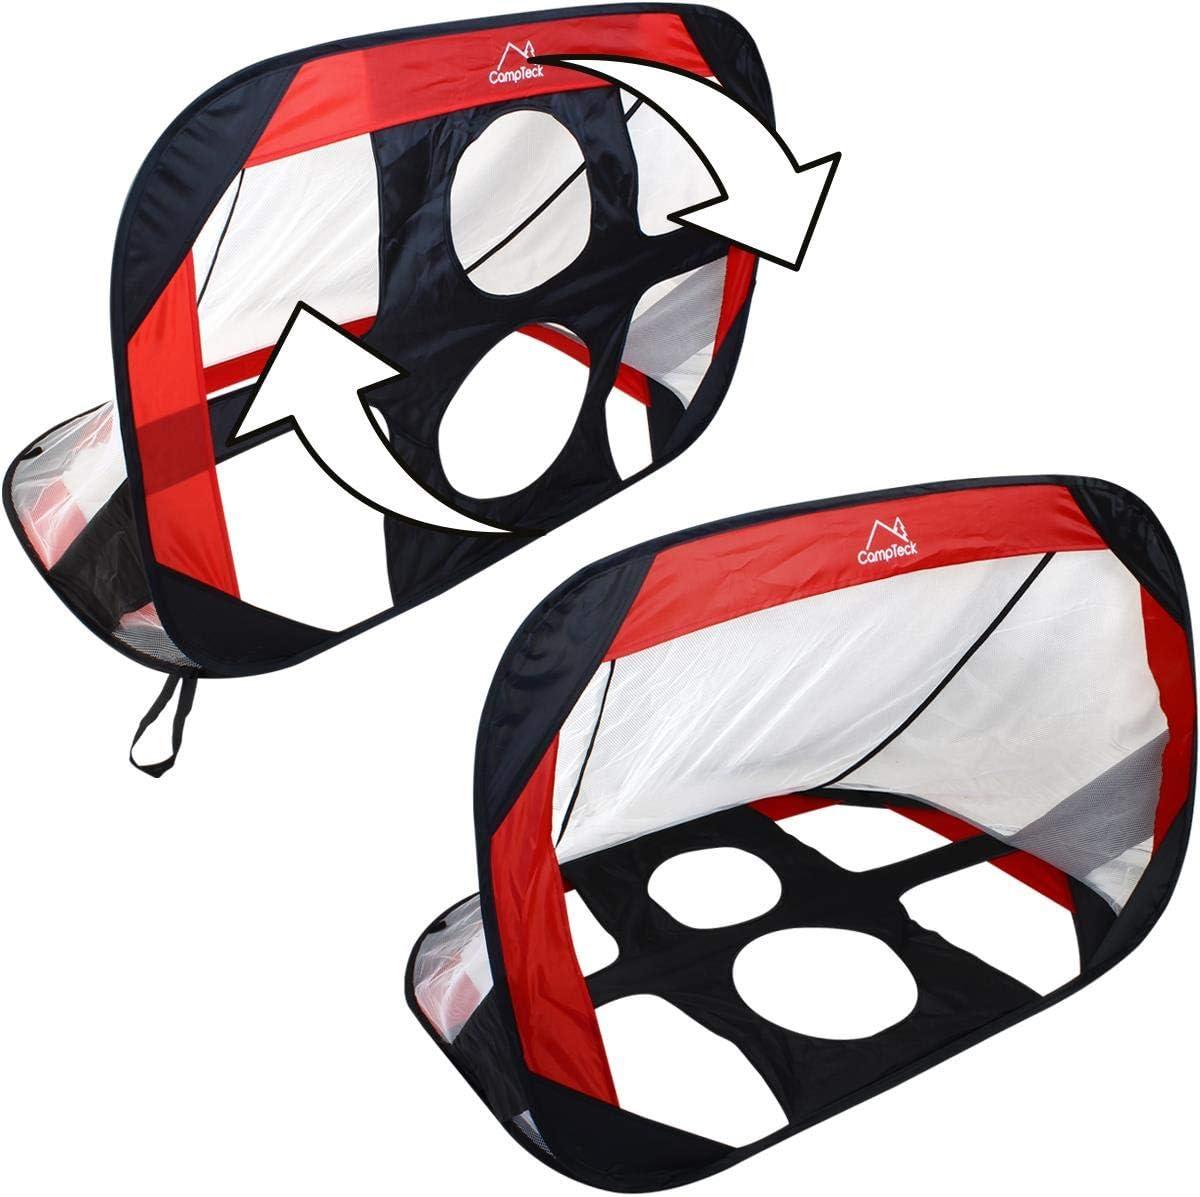 Noir et Rouge CampTeck U7169 Cage de Foot Enfant Portable Pop Up 2 en 1 avec Cibles Sac de Transport et Piquets de Fixation